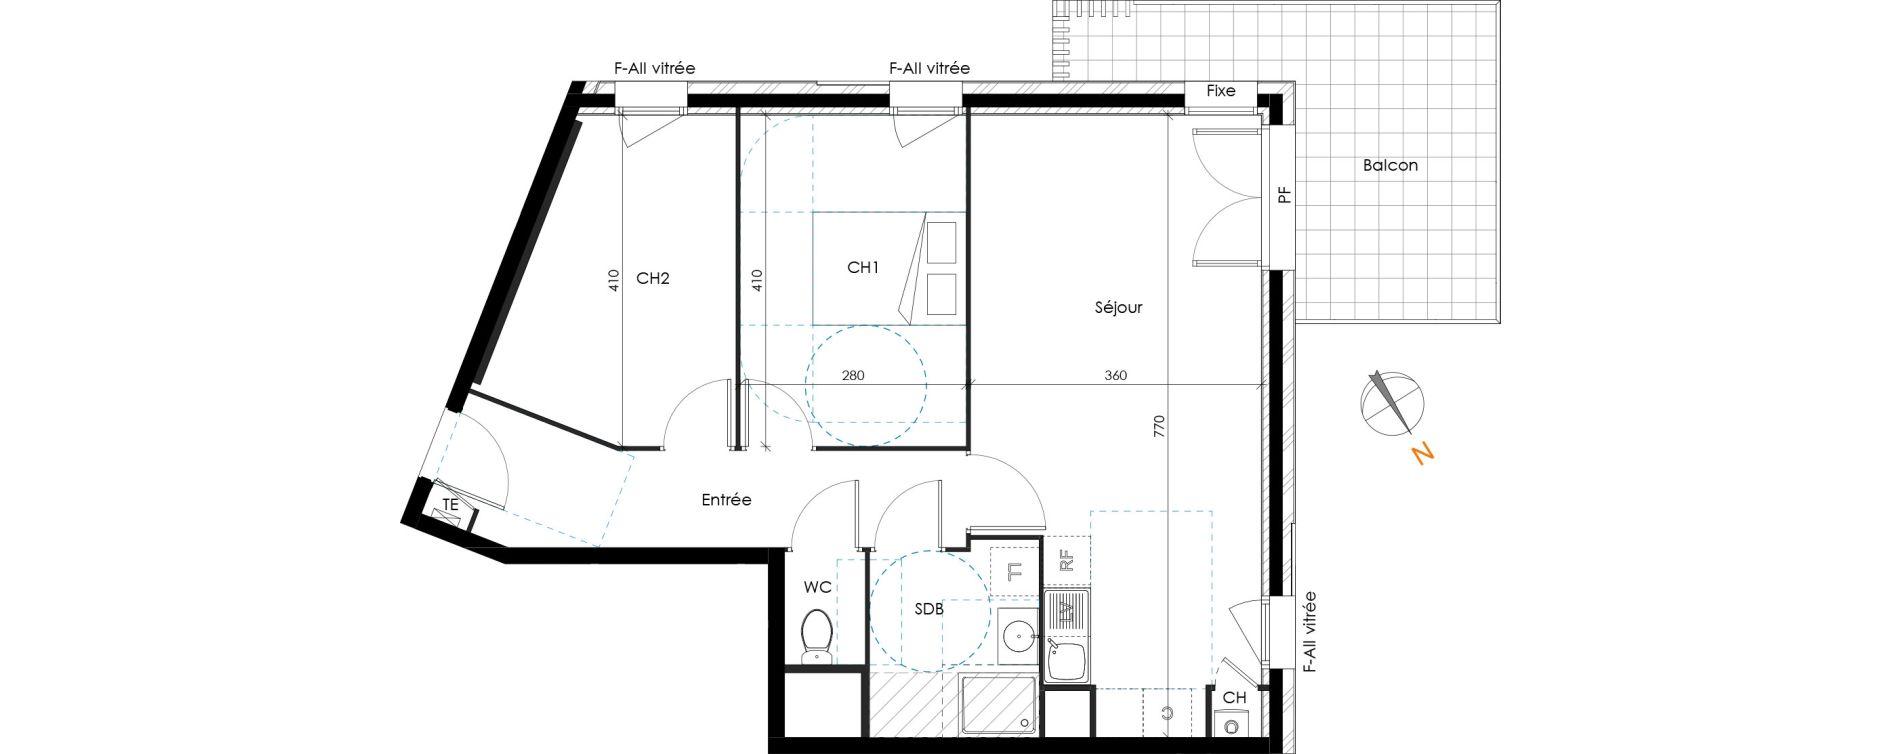 Appartement T3 de 61,01 m2 à Brignais Centre